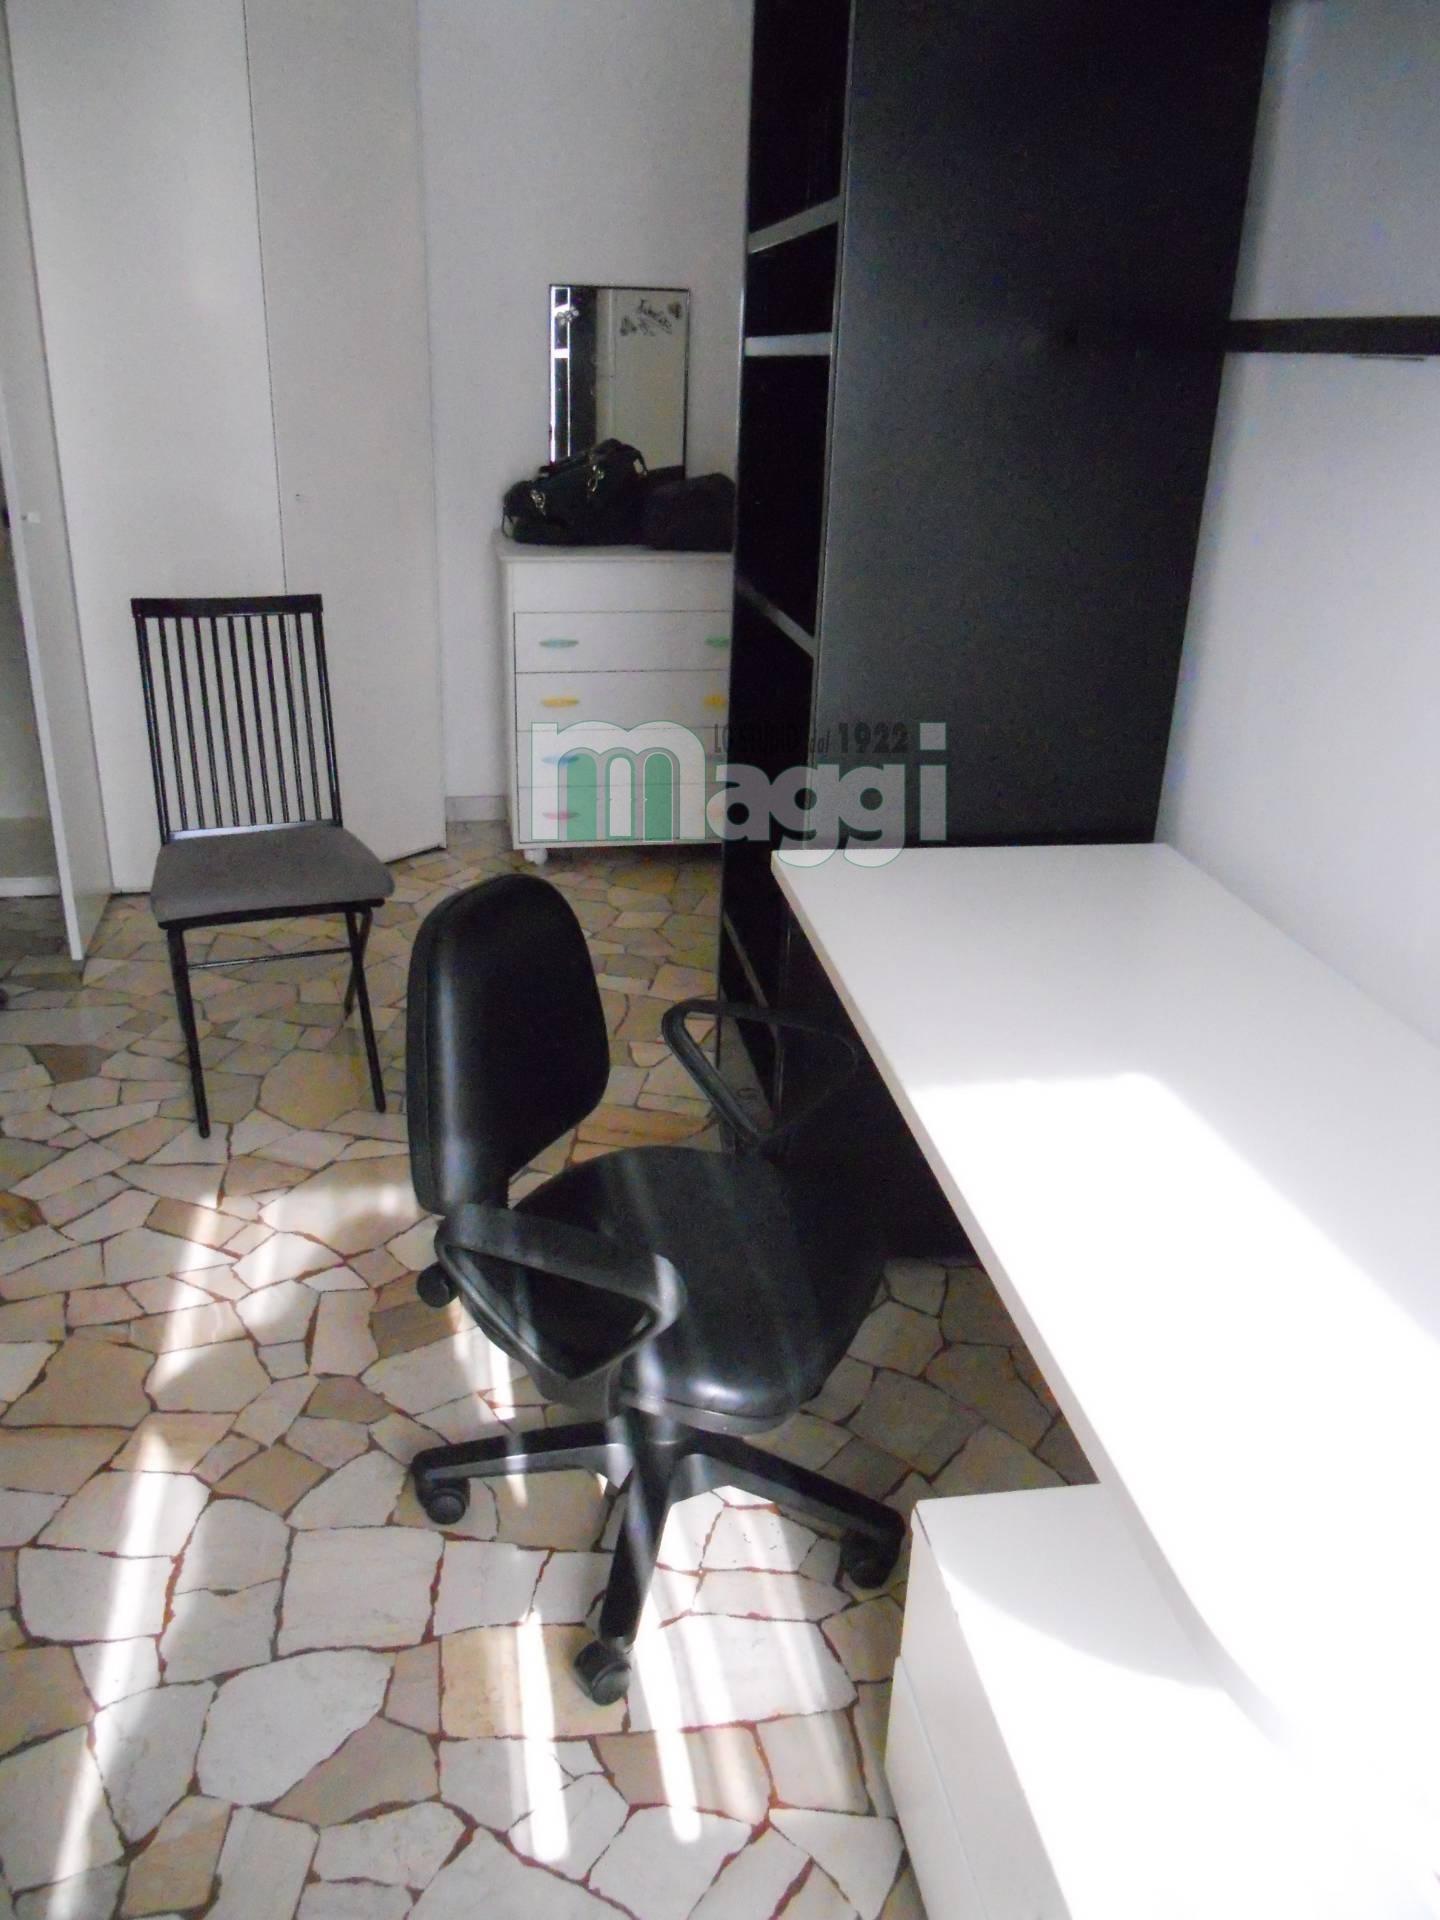 Appartamento in Affitto a Milano 13 Marcona / Montenero / Umbria / Lomellina: 1 locali, 40 mq